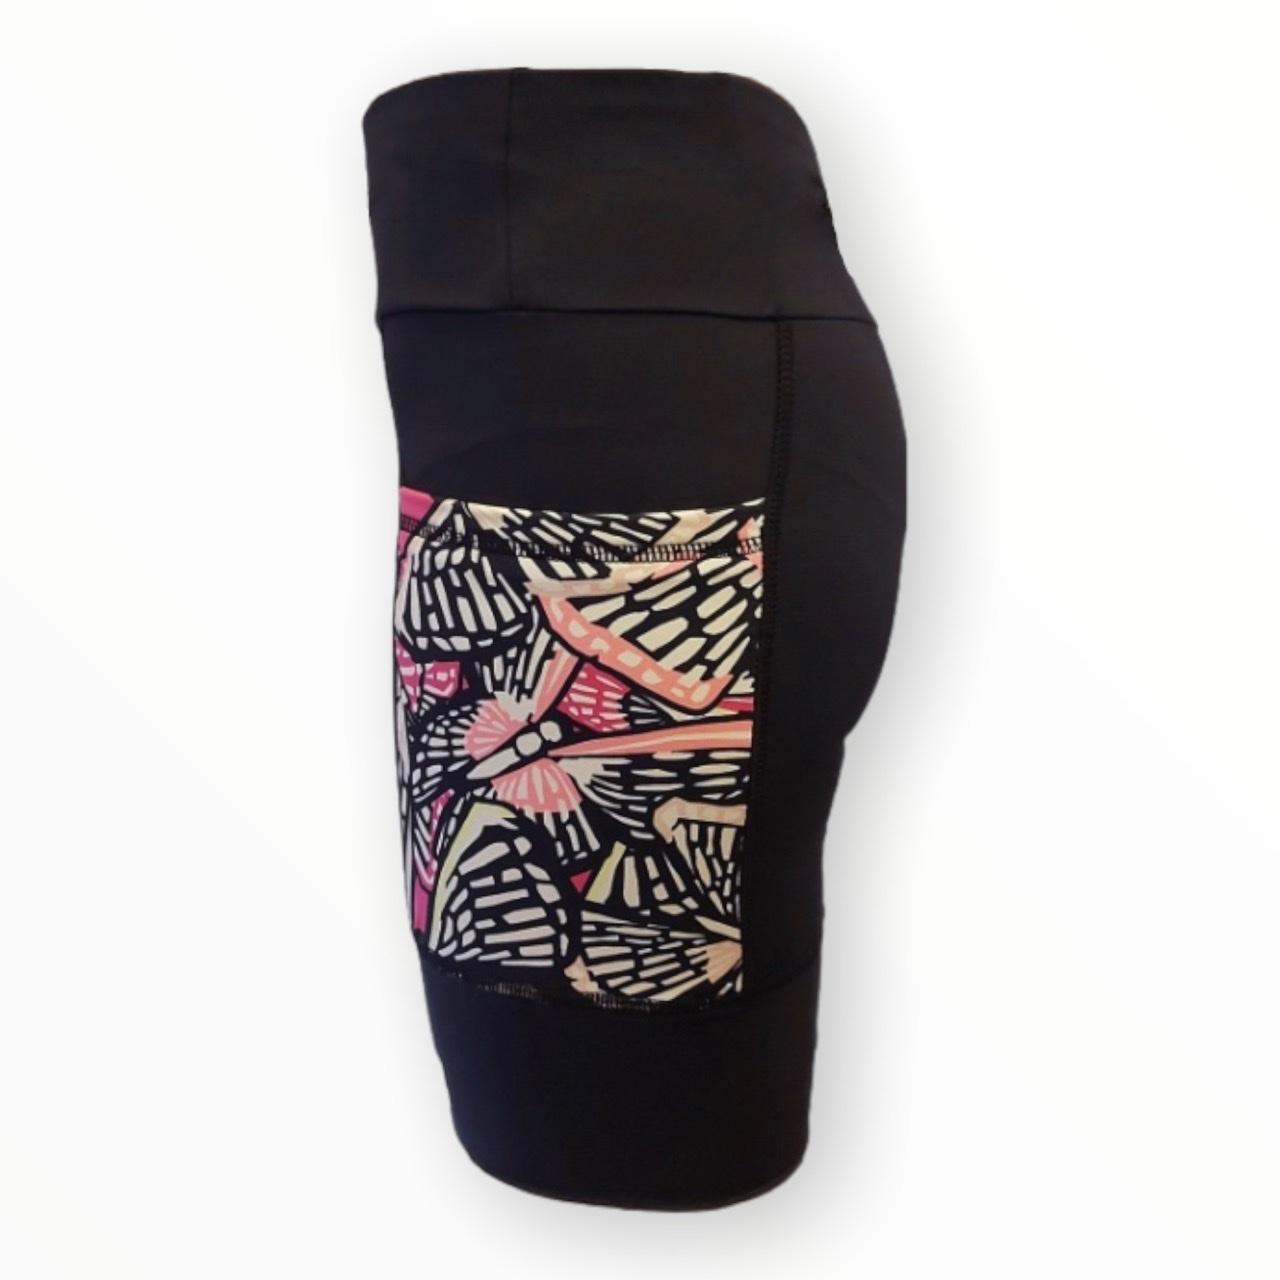 Bermuda de compressão unissex Square (2 bolsos) em compress preto bolsos estampa borboletas